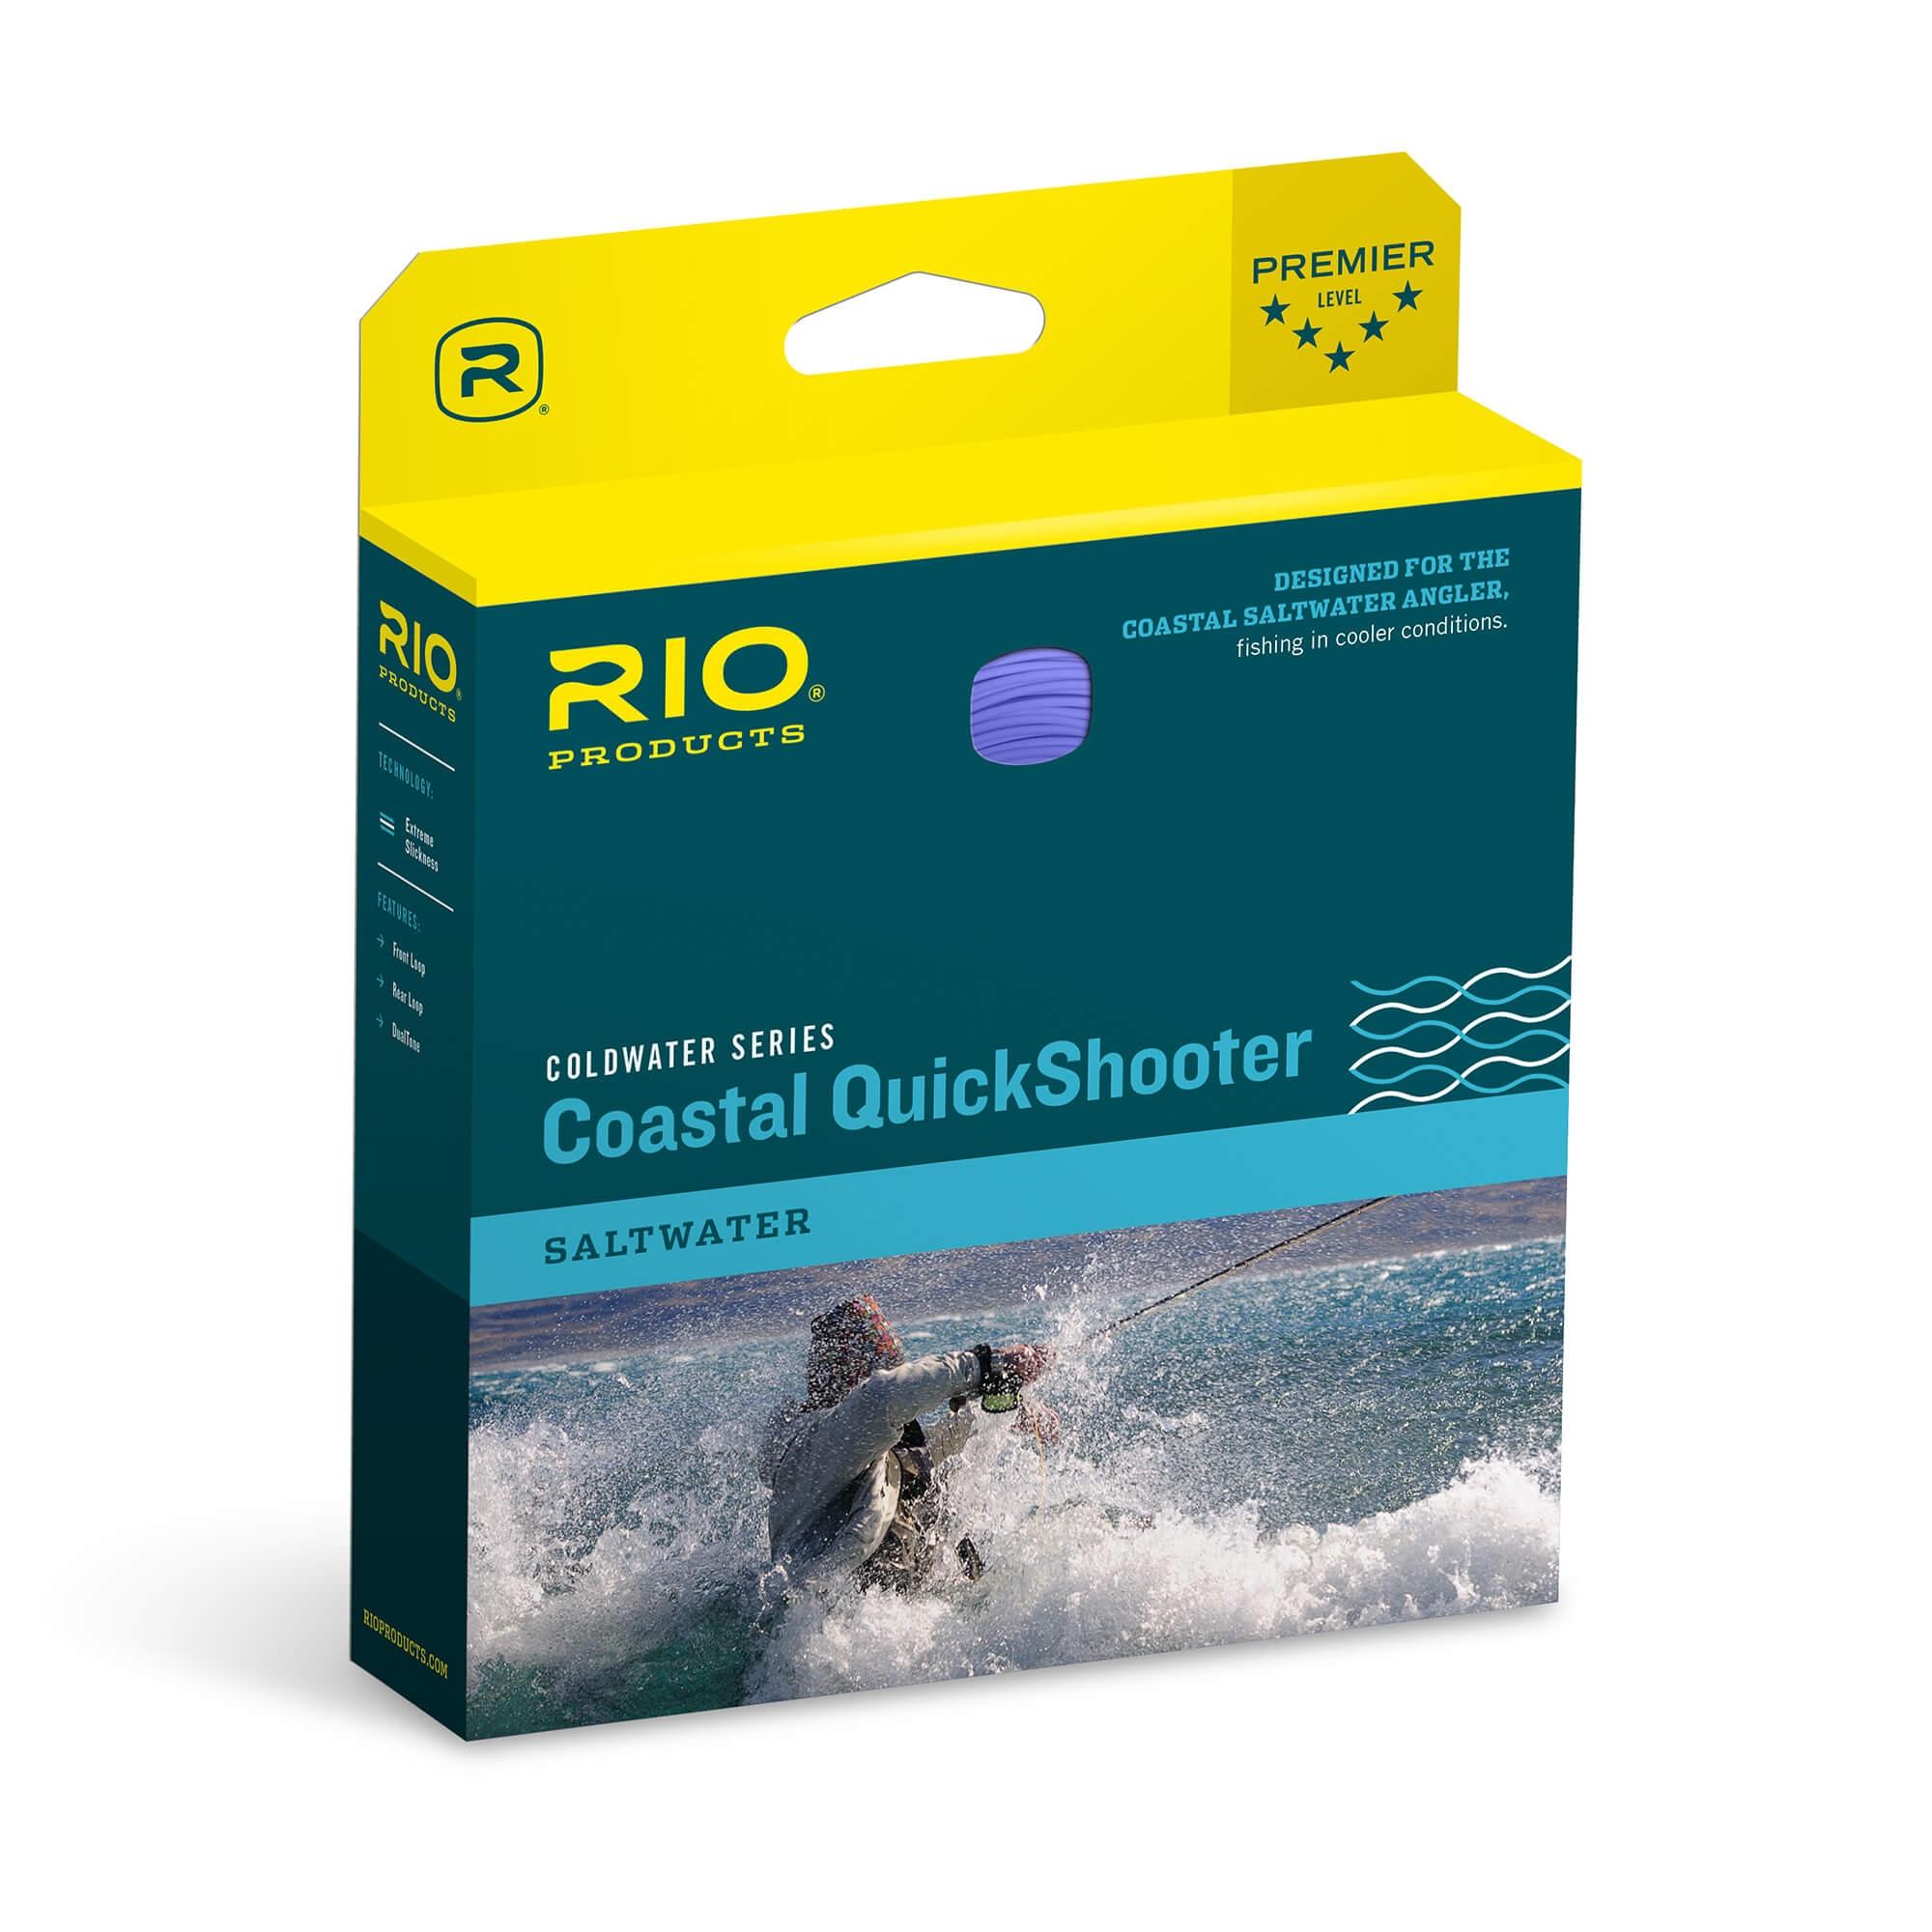 Coastal QuickShooter